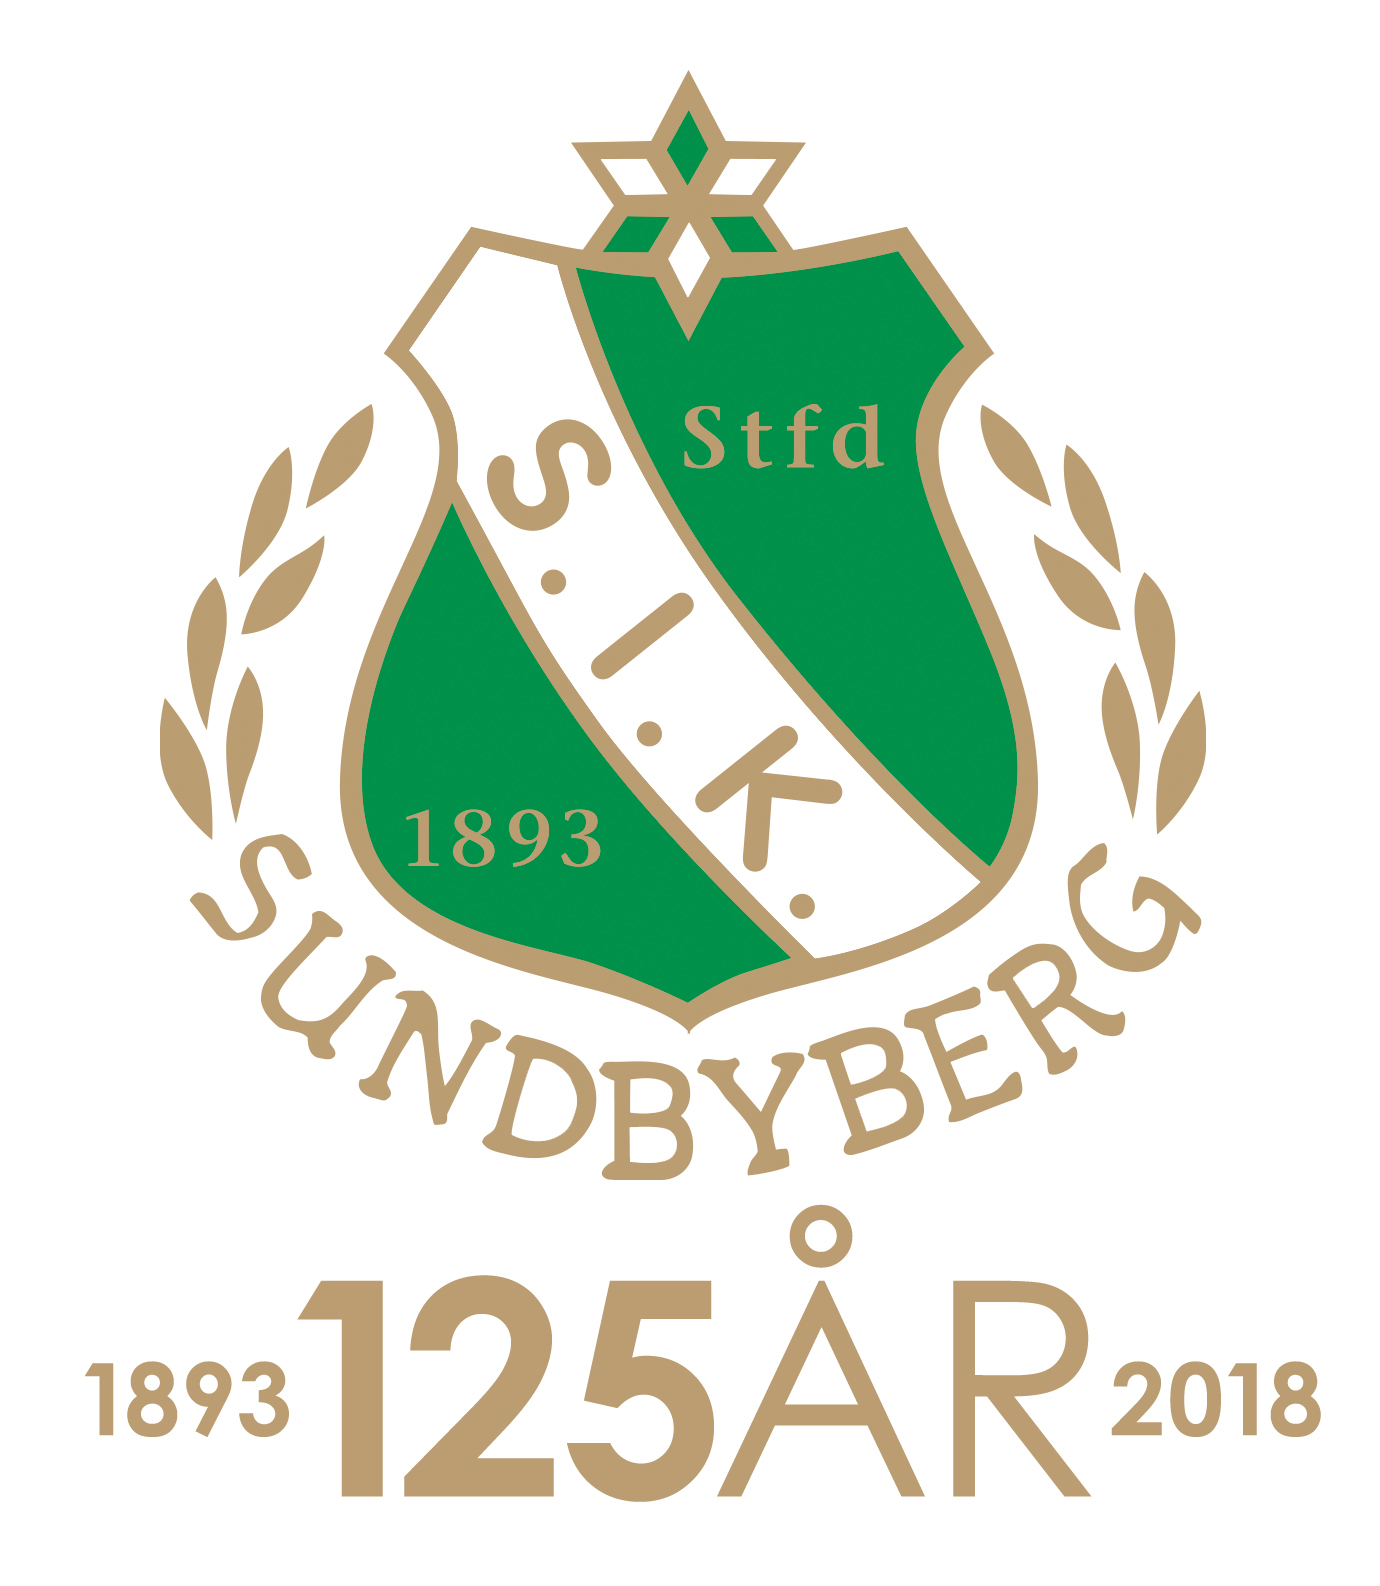 Måndagen den 9 april fyller Sundbybergs Idrottsklubb fantastiska 125 år!  Födelsedagen kommer att firas i klubbhuset 69507ec8e34a6